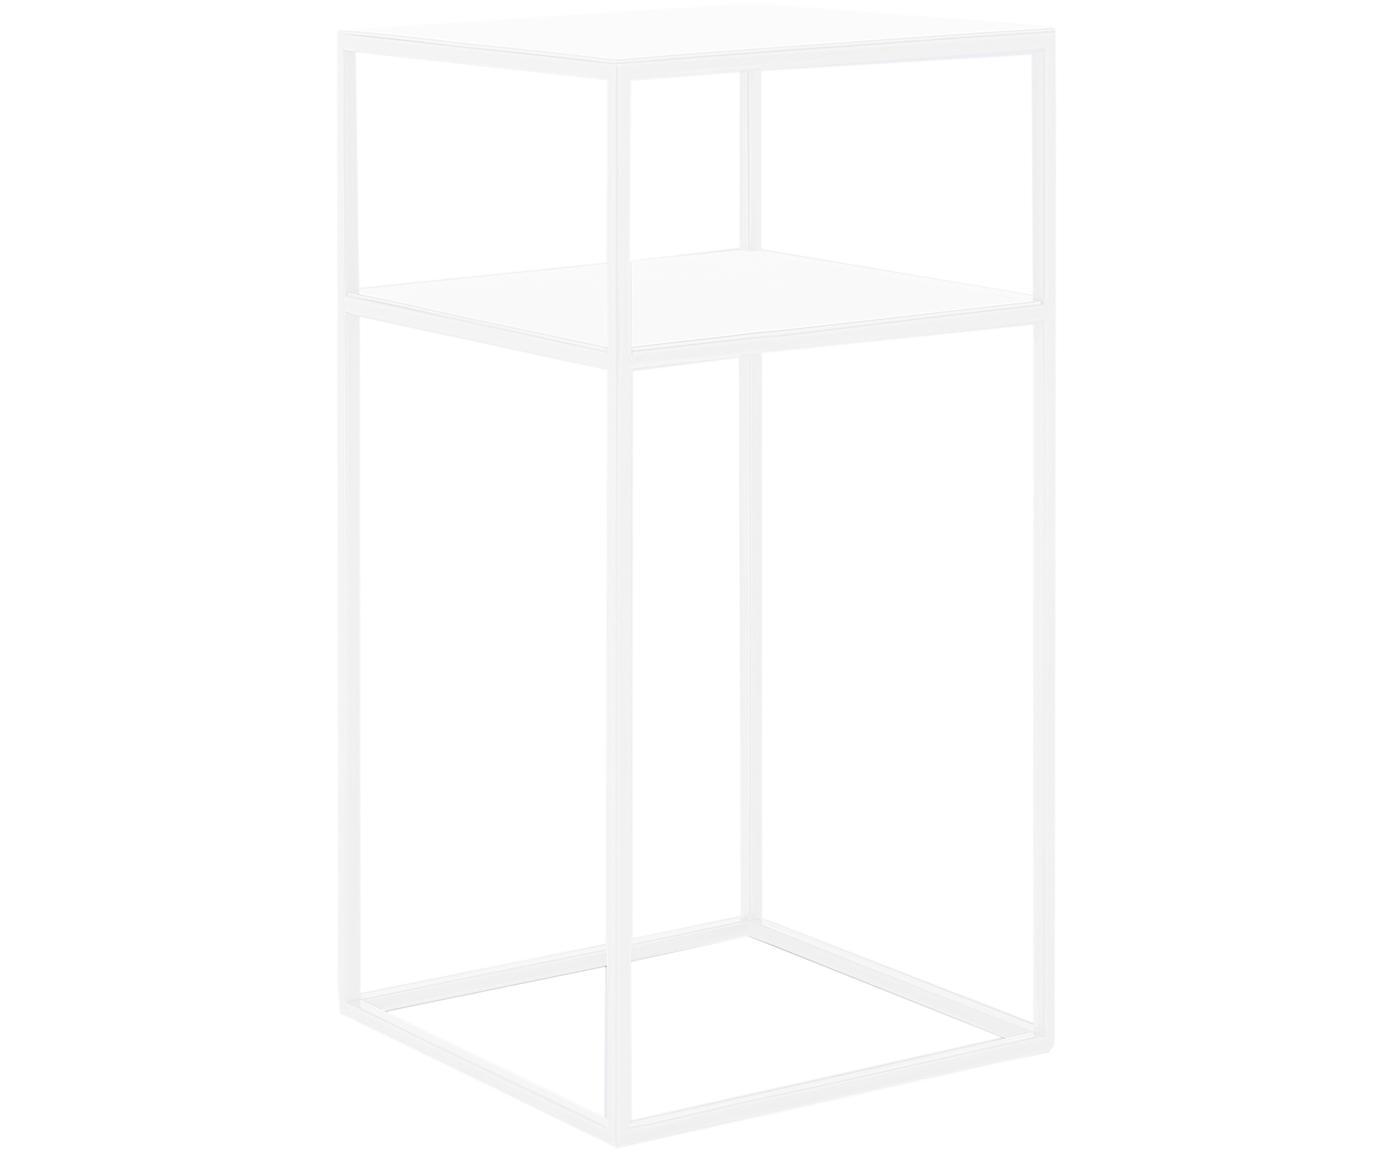 Tavolino con piano d'appoggio in metallo Tensio Oli, Metallo verniciato a polvere, Bianco, Larg. 30 x Prof. 30 cm